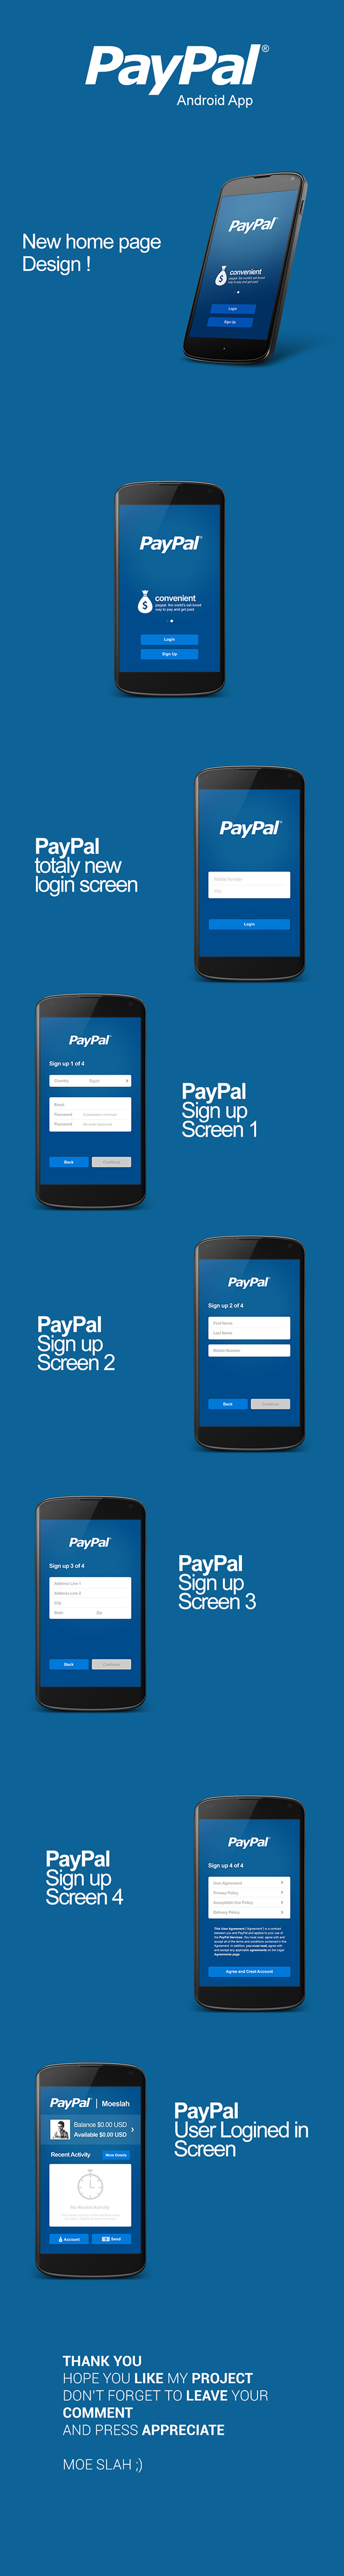 Paypal android app ui design on app design served - Funformobile com login ...